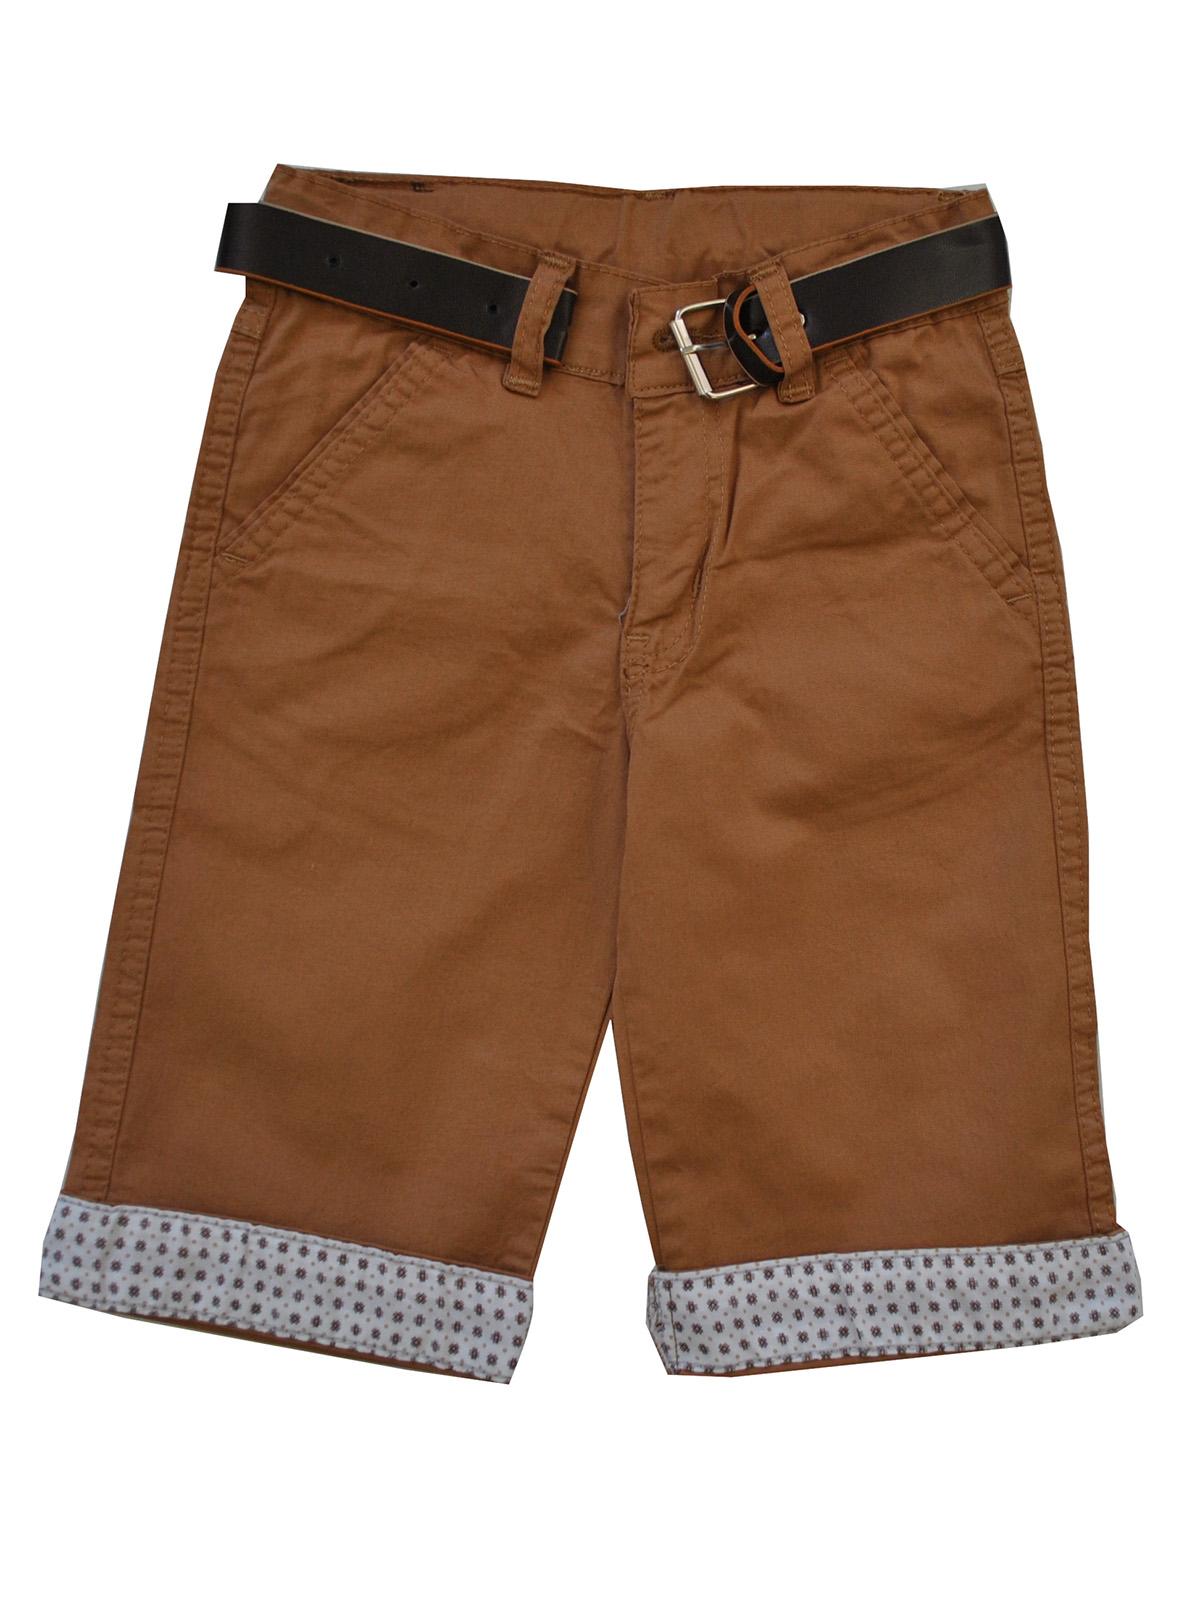 Картинка коричневые шорты